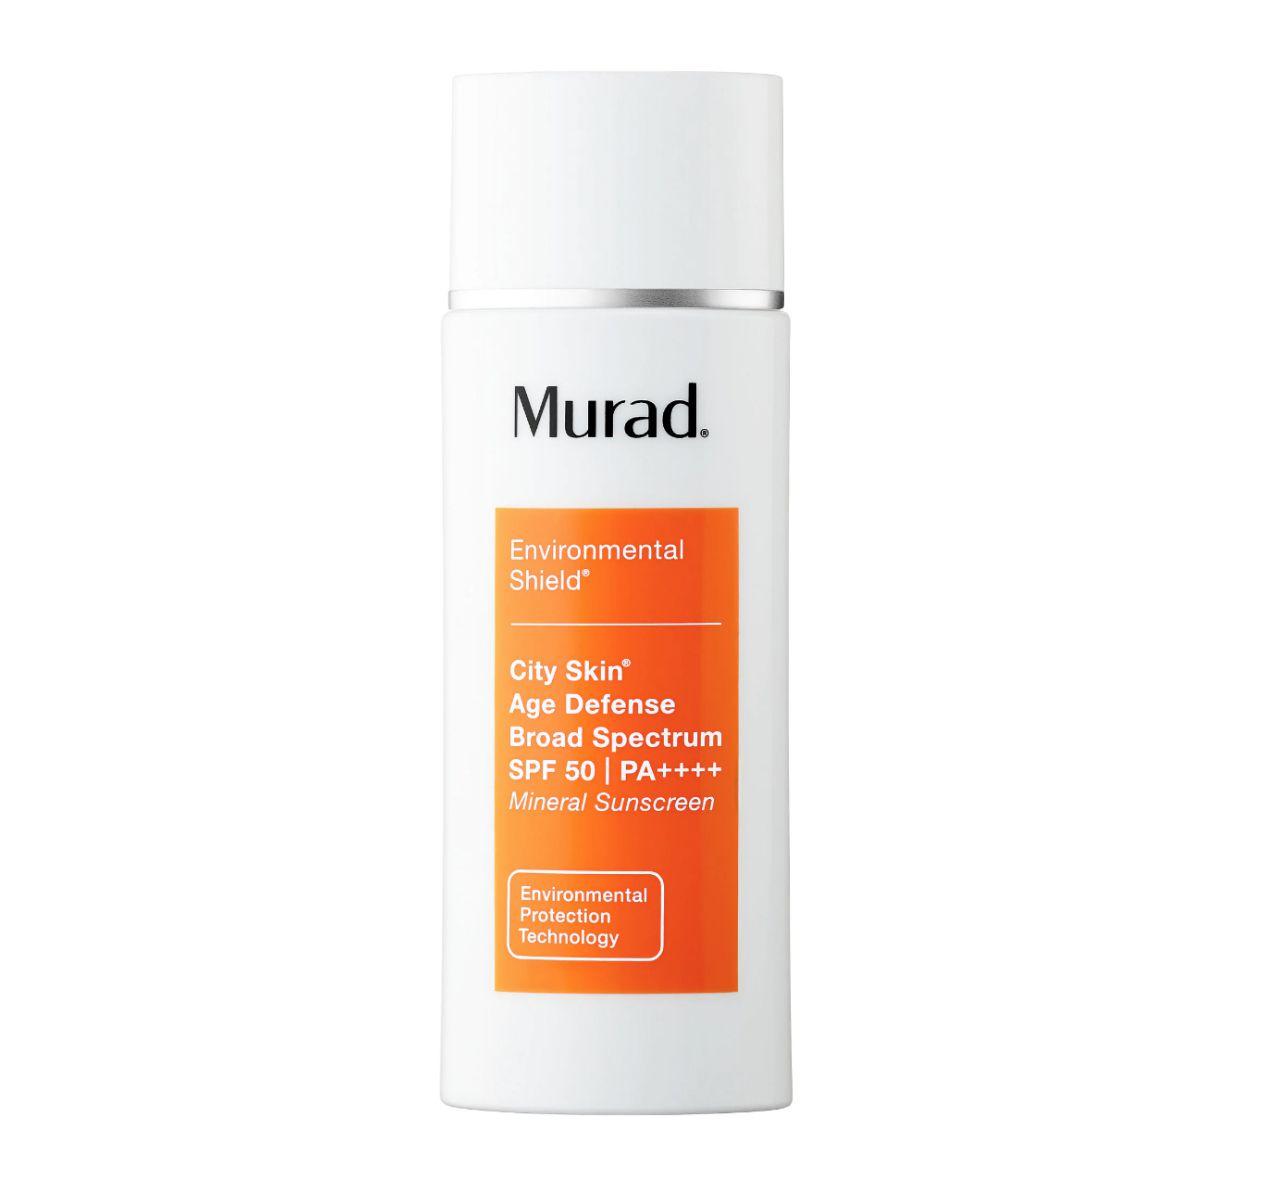 Murad City Skin